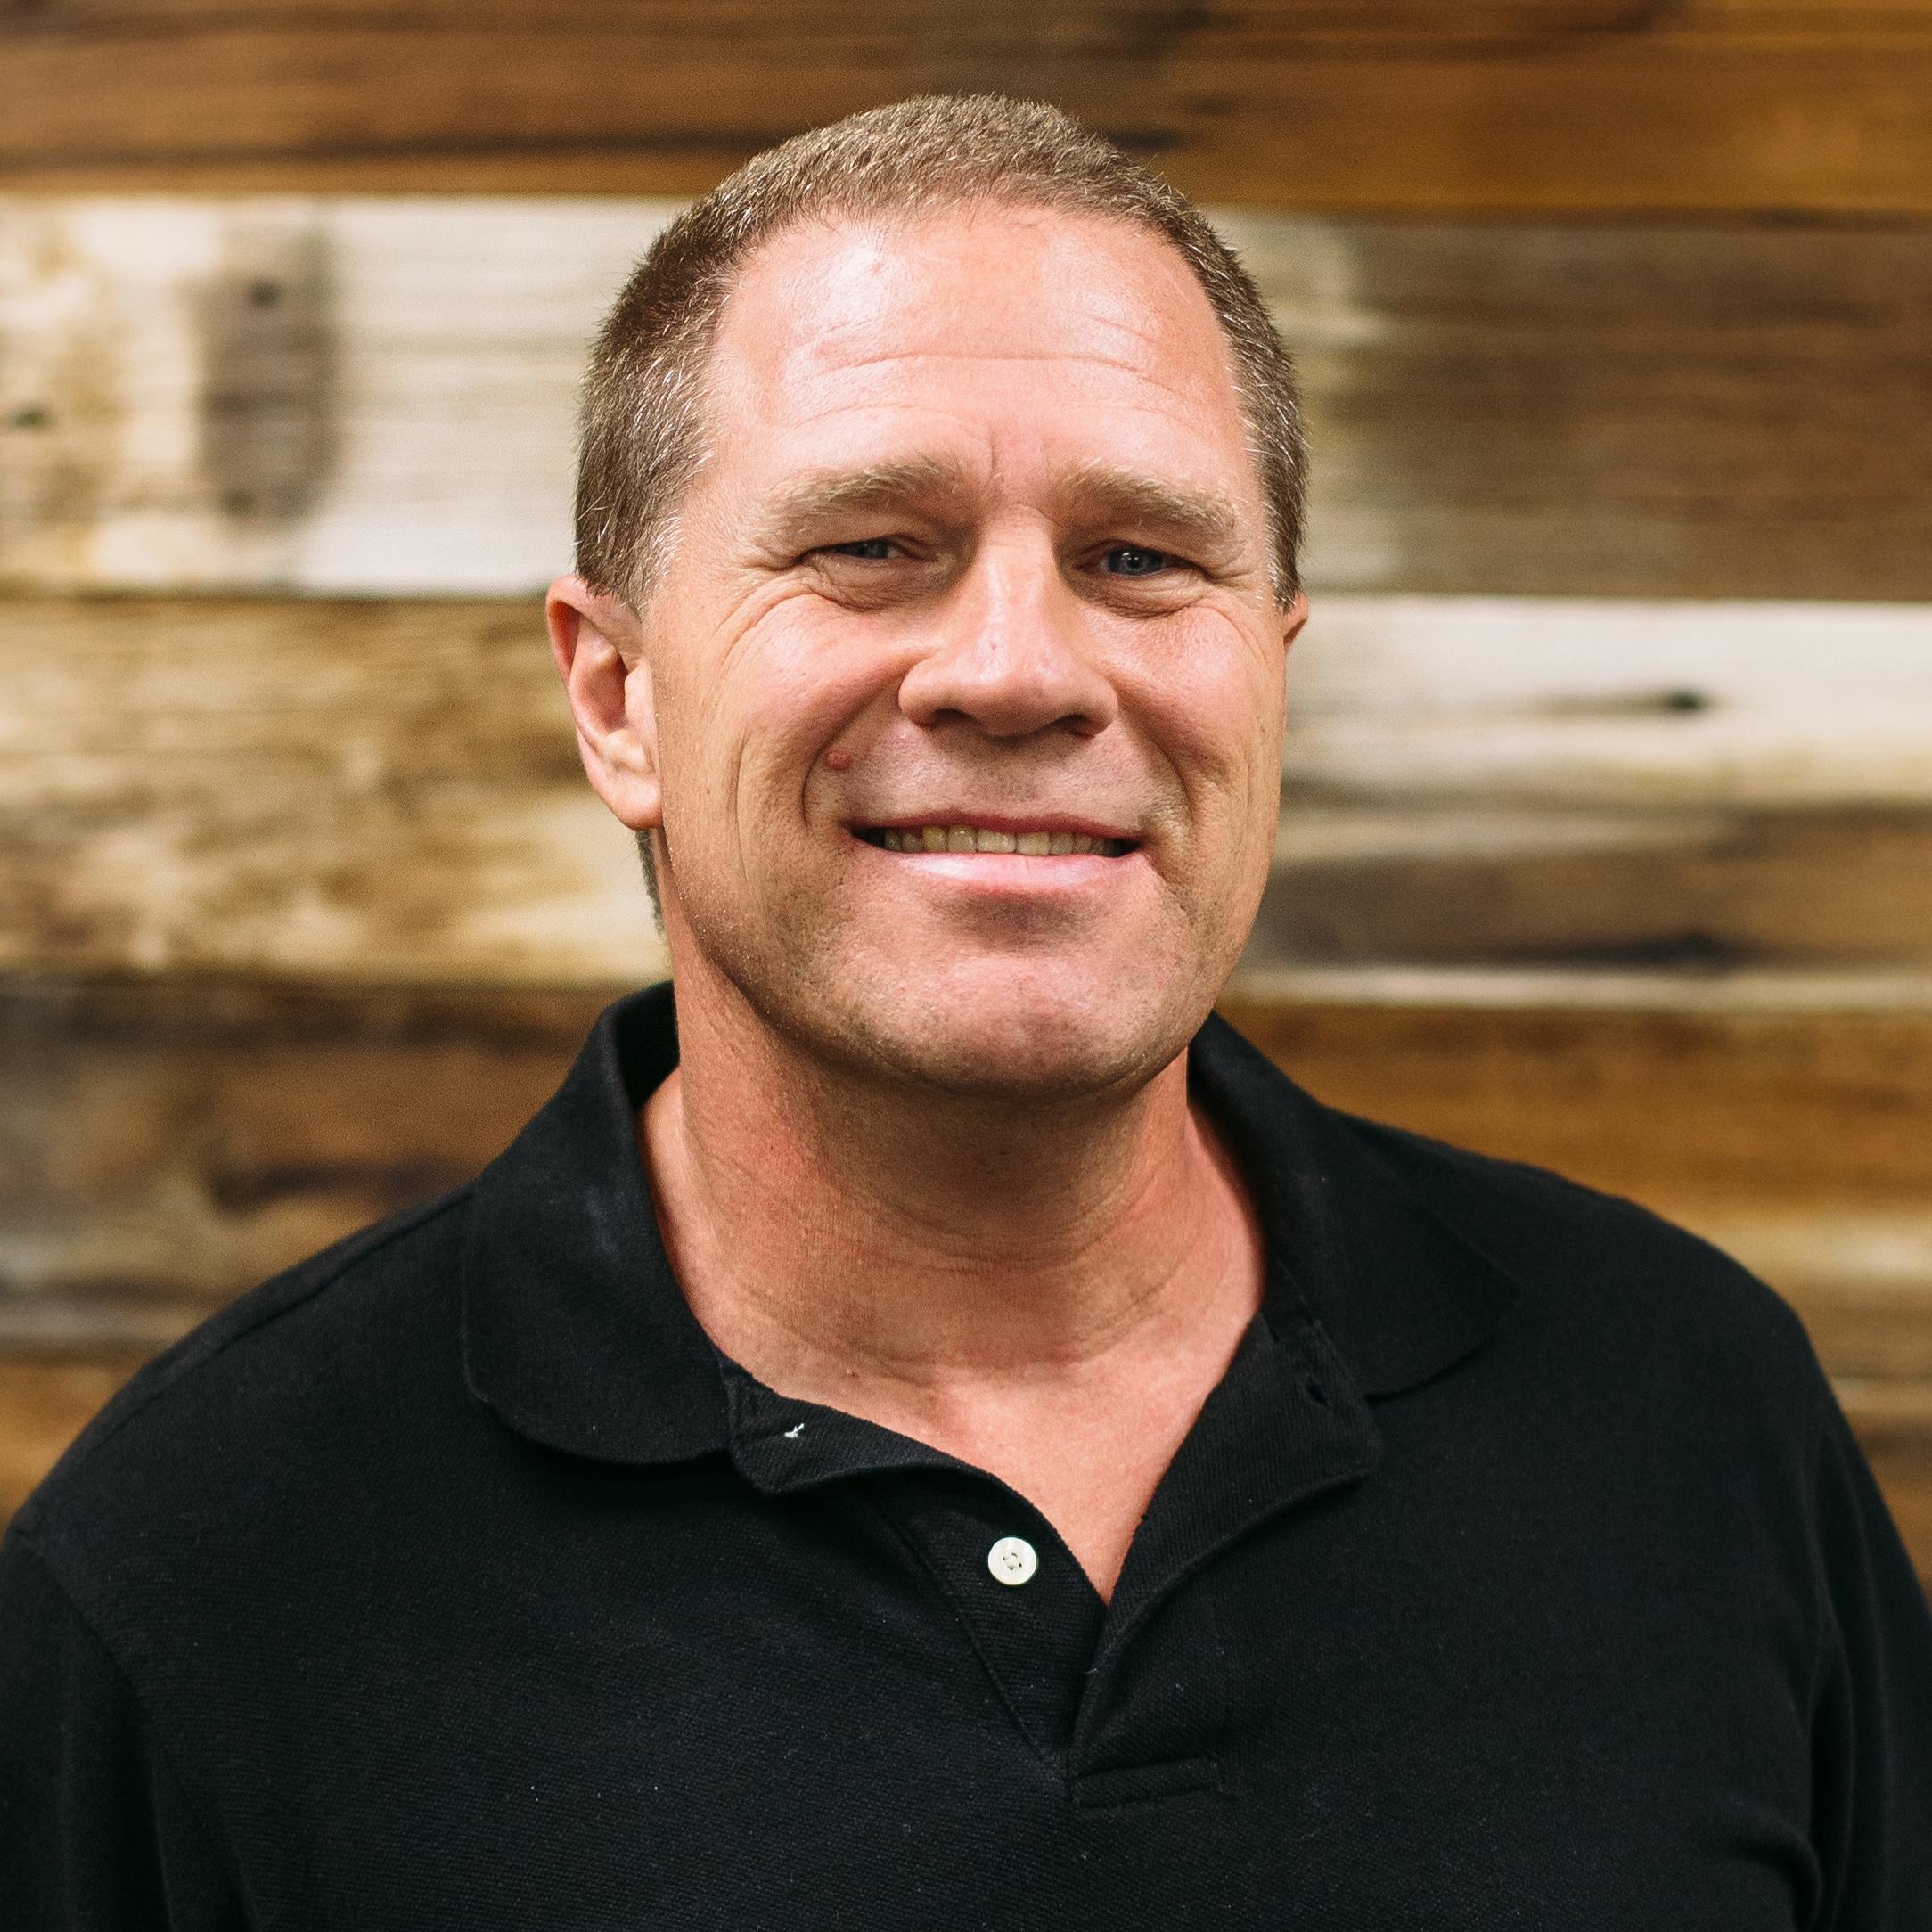 Robert Chapman | Facilities Manager